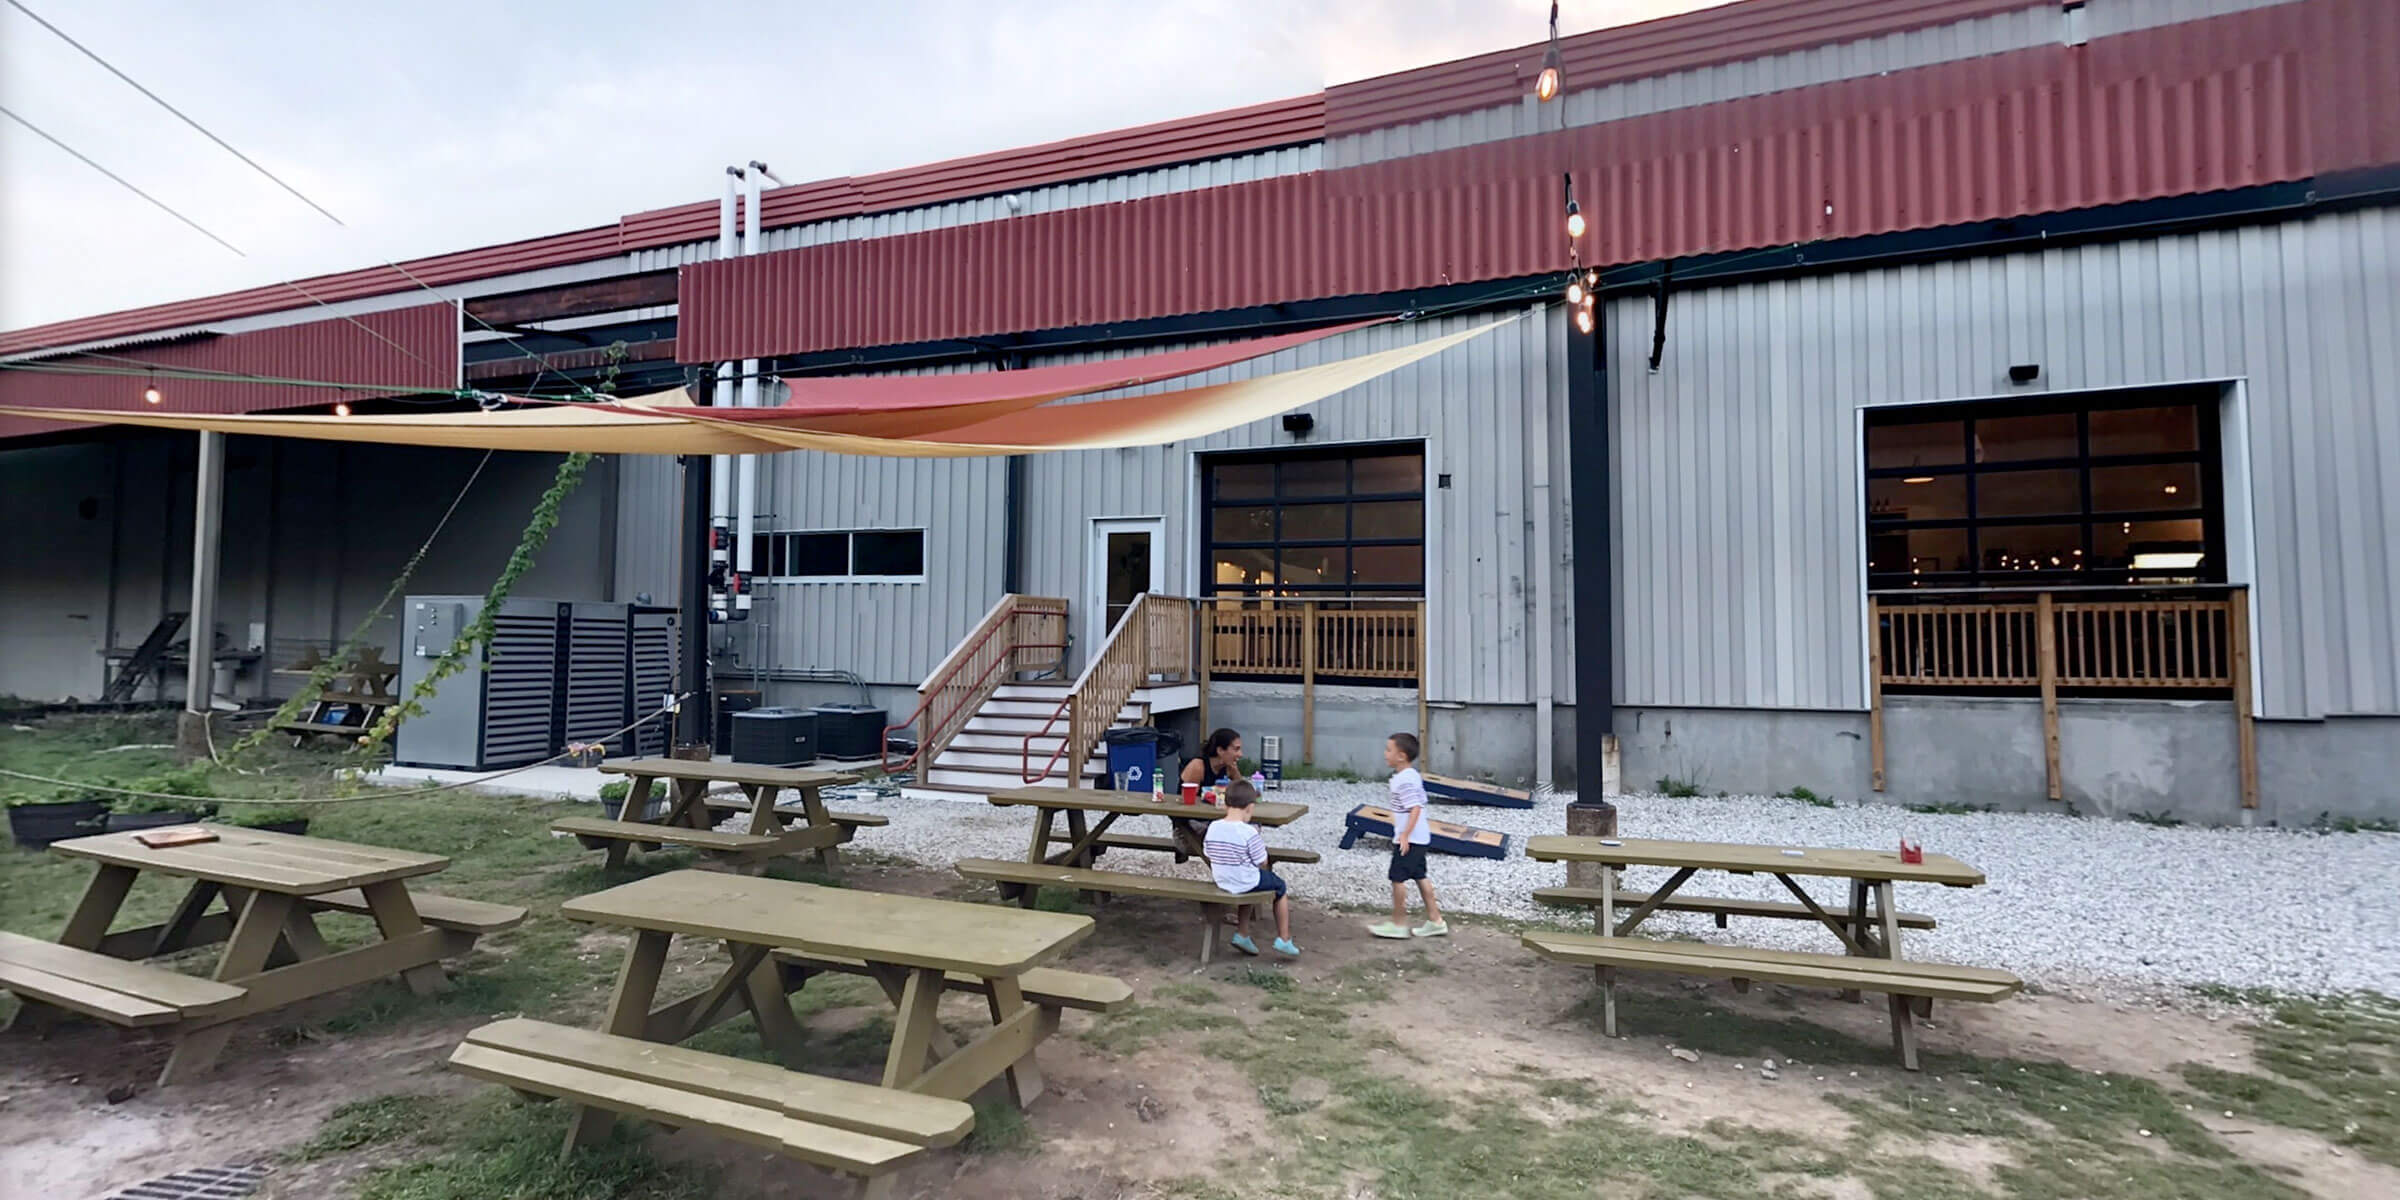 Outside in the beer garden at Riverwalk Brewing Co. in Newburyport, Massachusetts